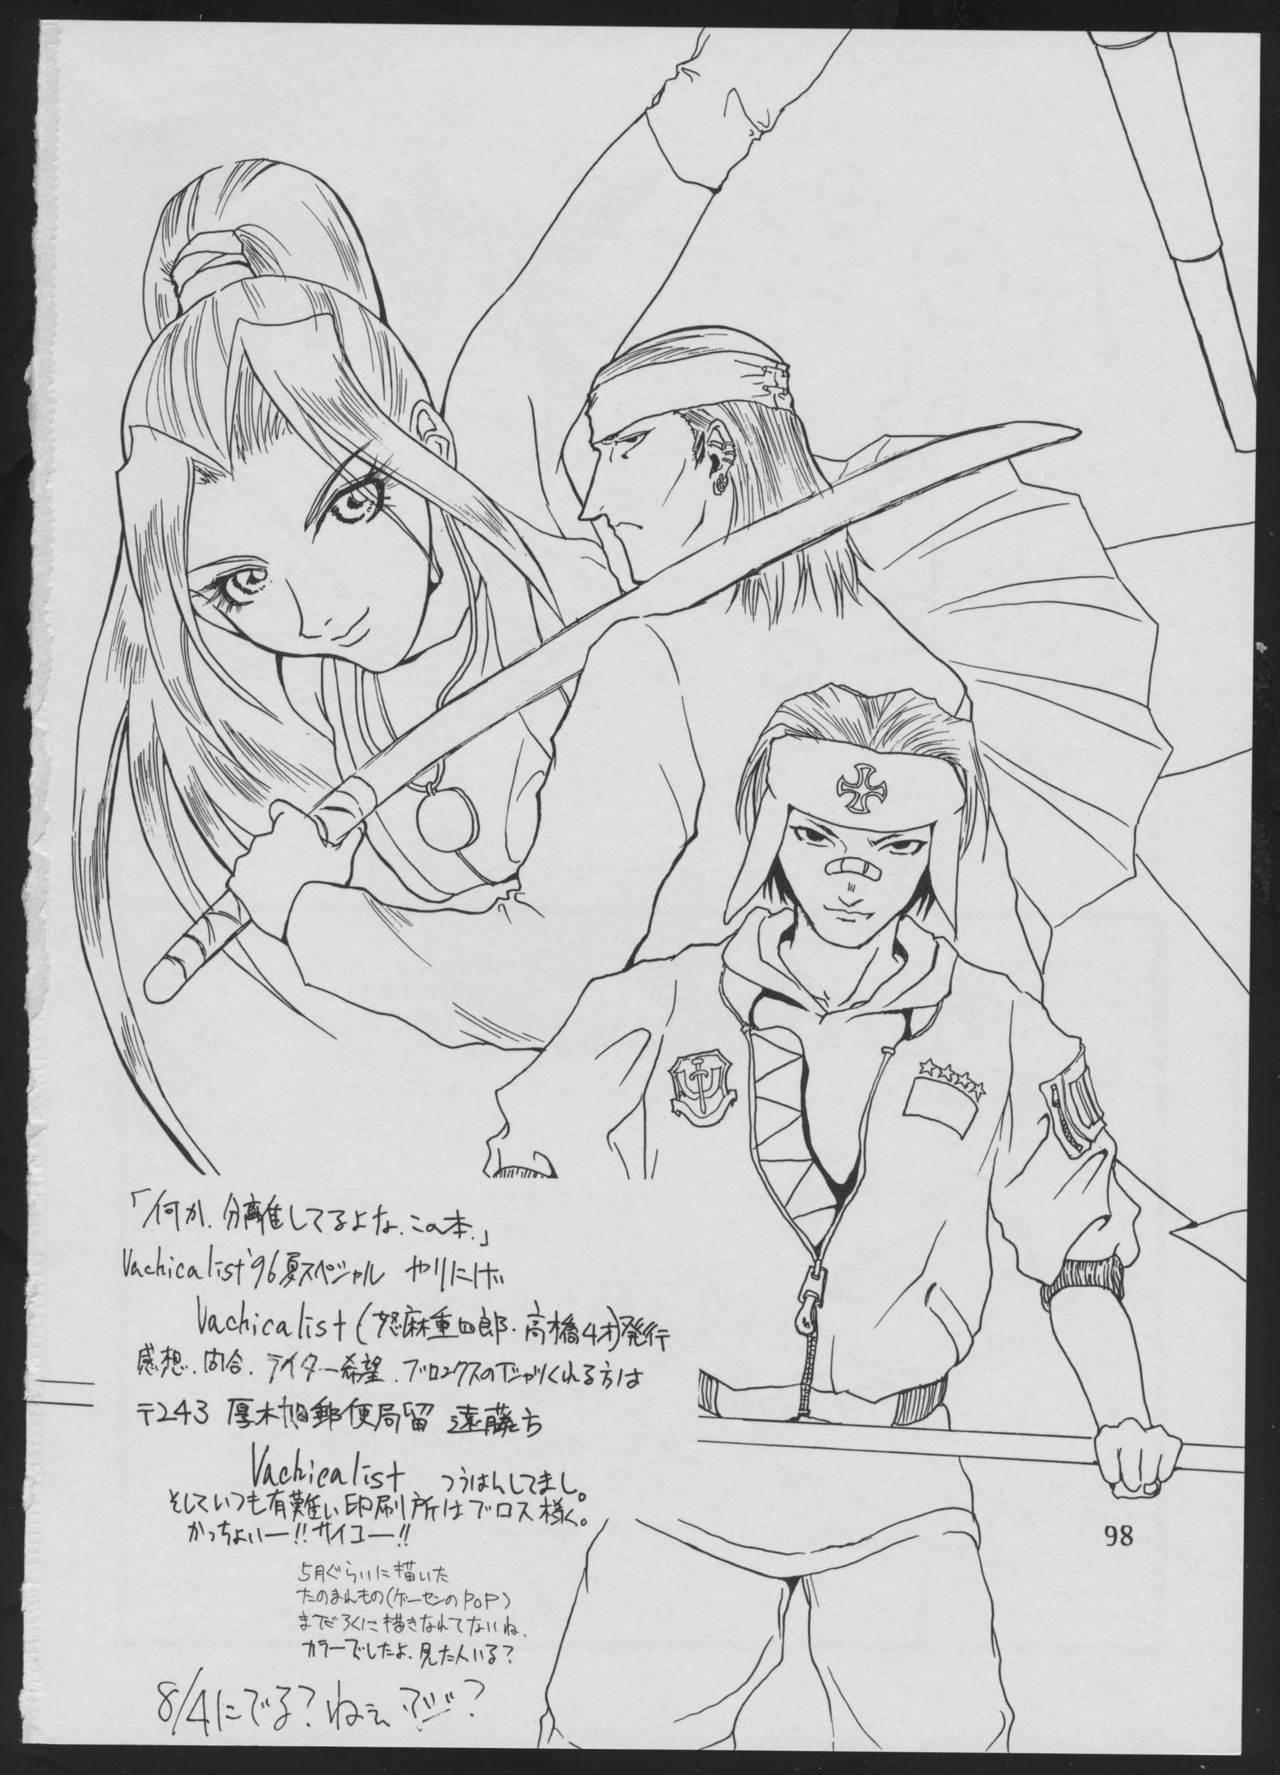 '96 Natsu no Game 18-kin Special 97